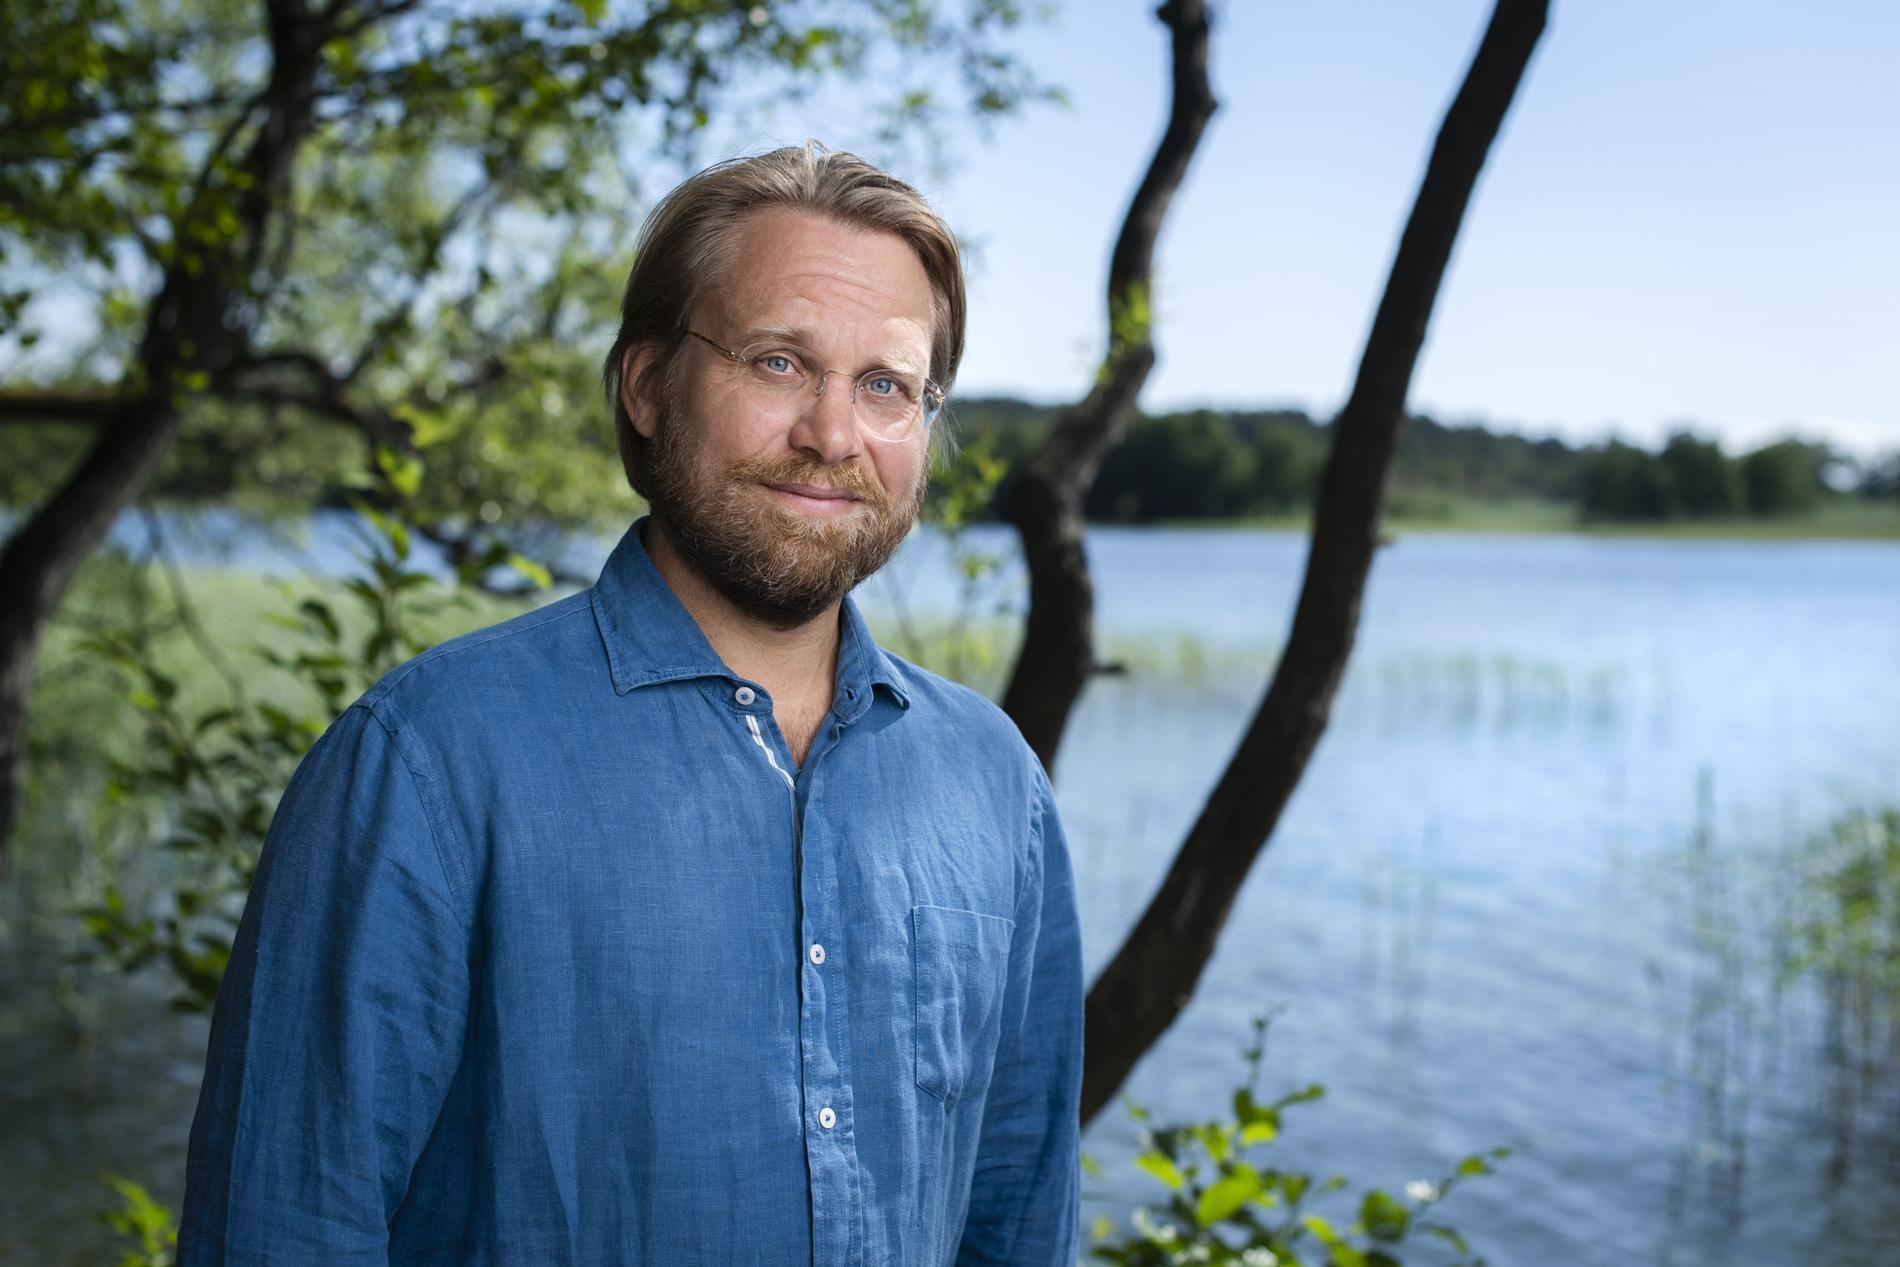 Erik Hemingsson, forskare vid Gymnastik- och idrottshögskolan samt författare till Slutbantat, Bonnier Fakta